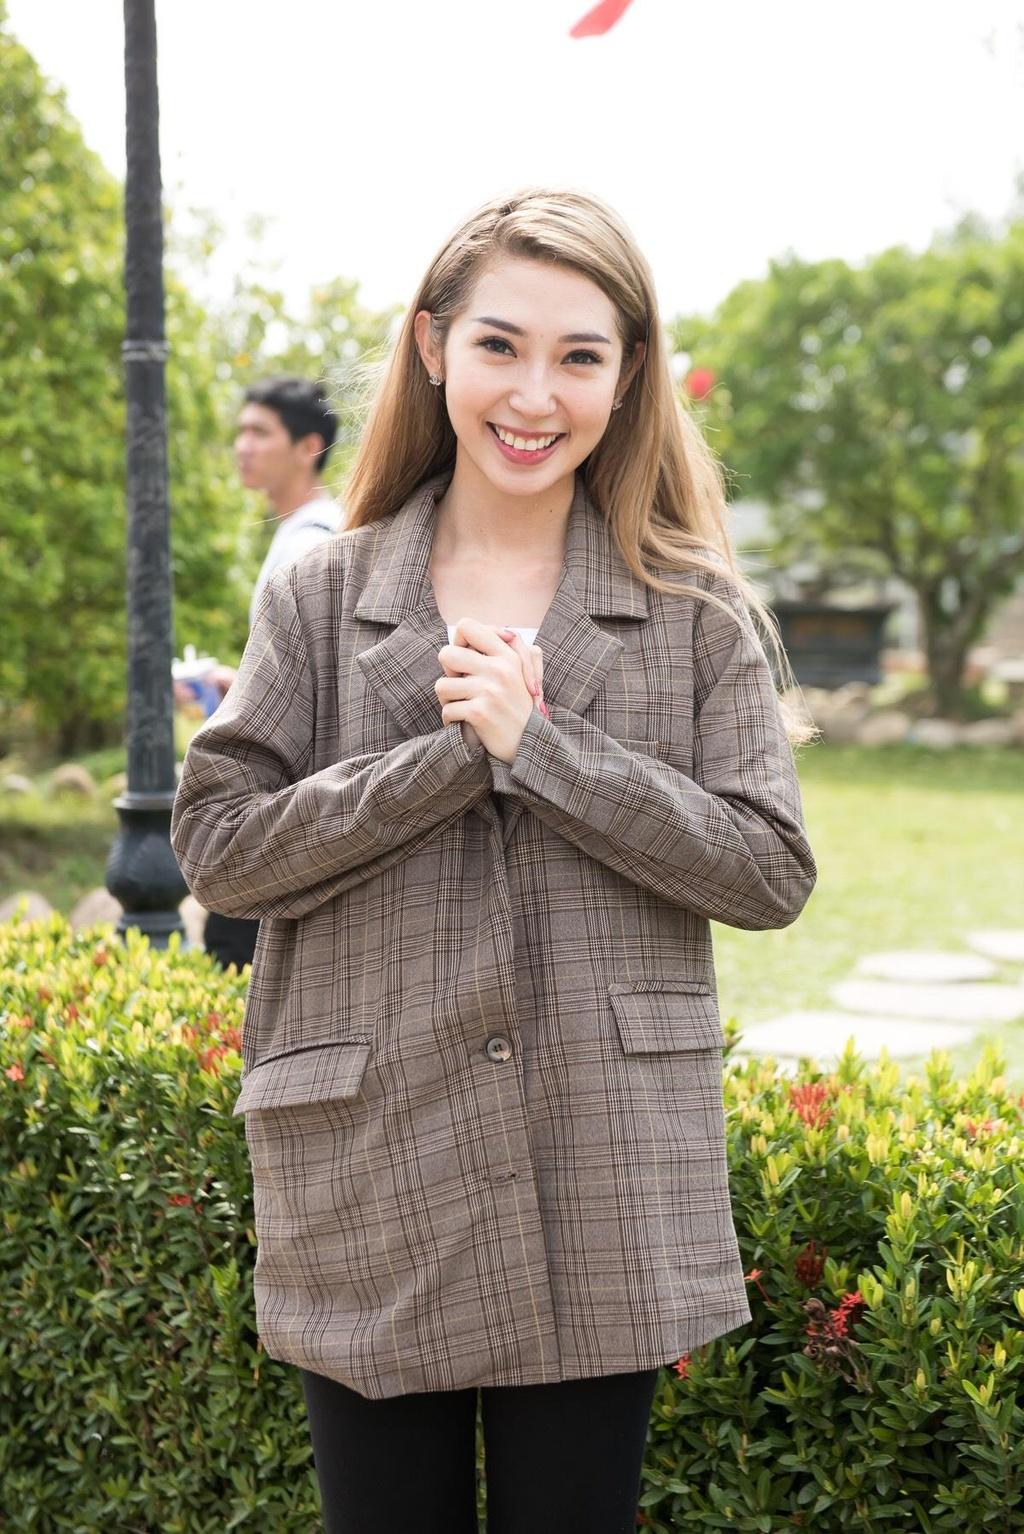 Hoai Lam nam tay vo di le To o nha tho cua Hoai Linh hinh anh 8